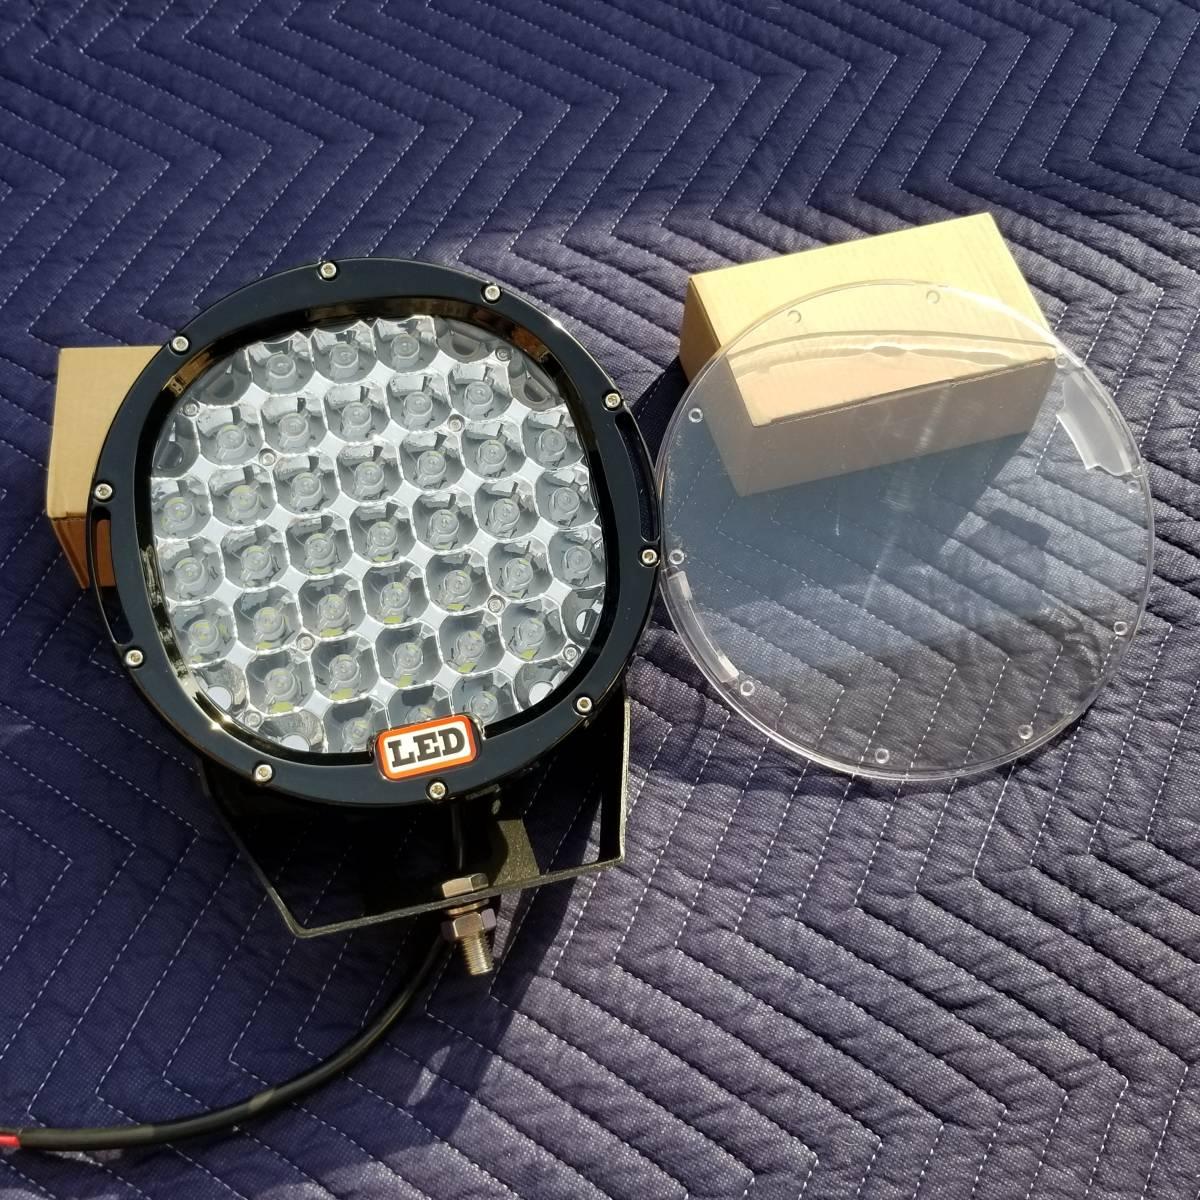 新品LED フォグライト 185w 作業灯 ワークライト 防水 CREE 2個 サーチライト ライトバー 丸型スポットビームARB プラド キャリア_画像3